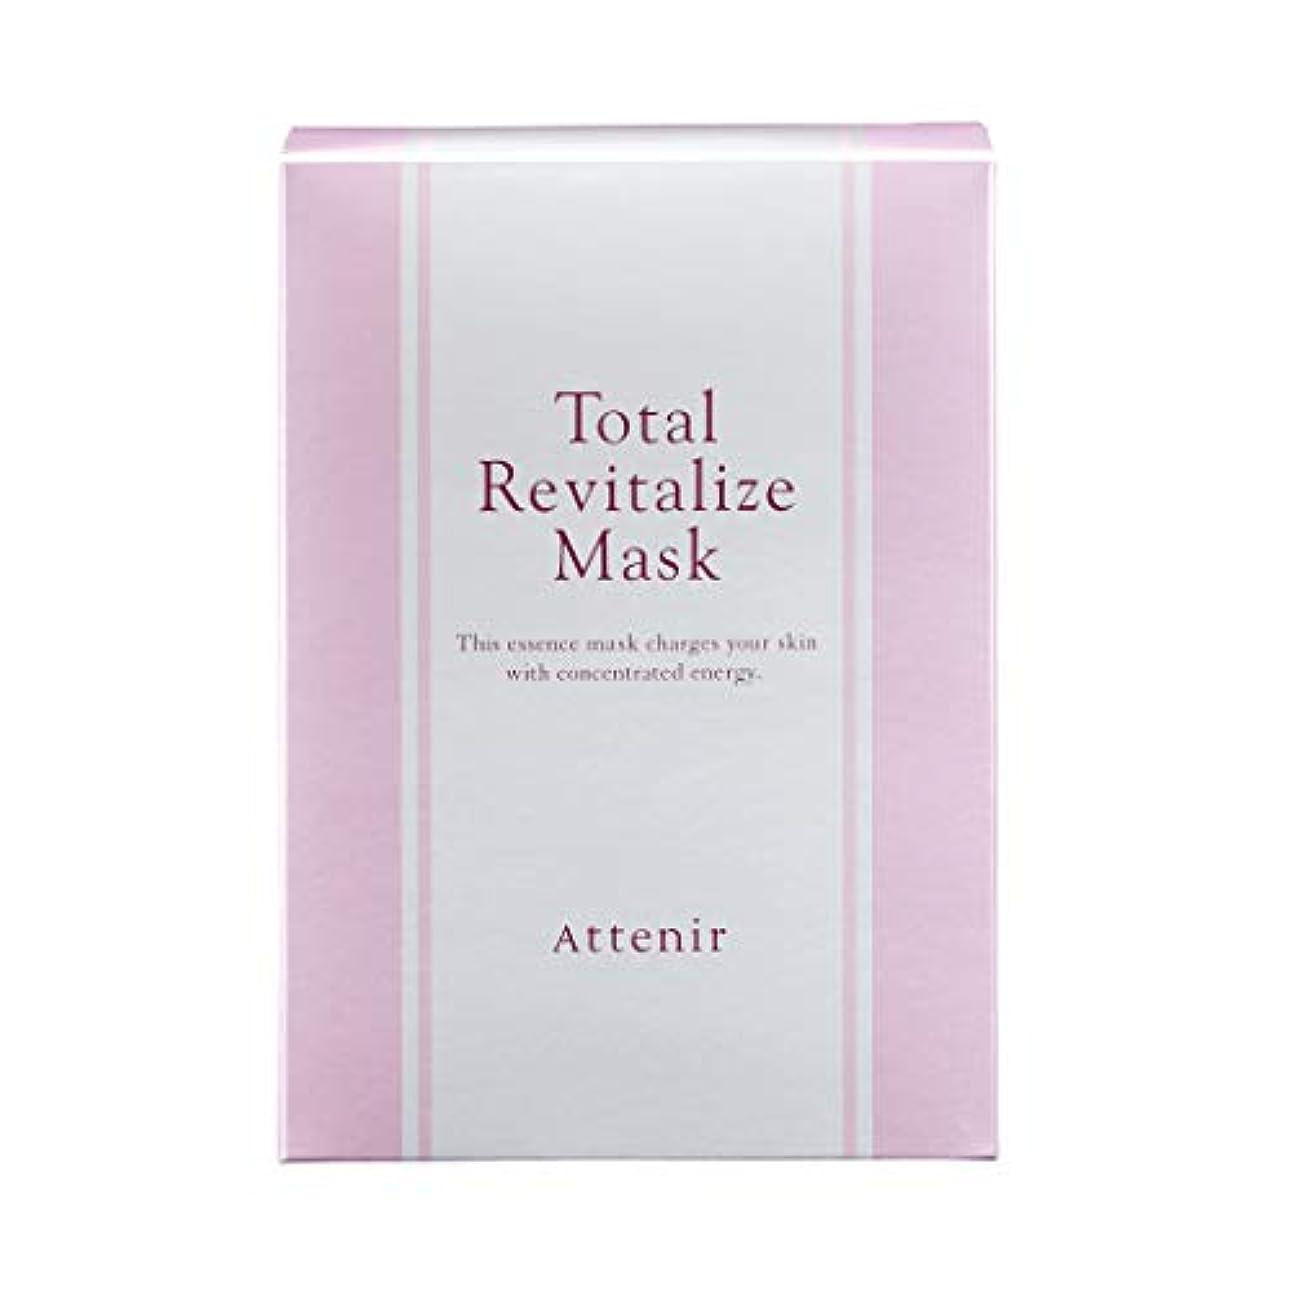 層嵐が丘療法アテニア トータルリヴァイタライズ マスク肌疲労ケアシートマスク 全顔用 6包入り フェイスパック